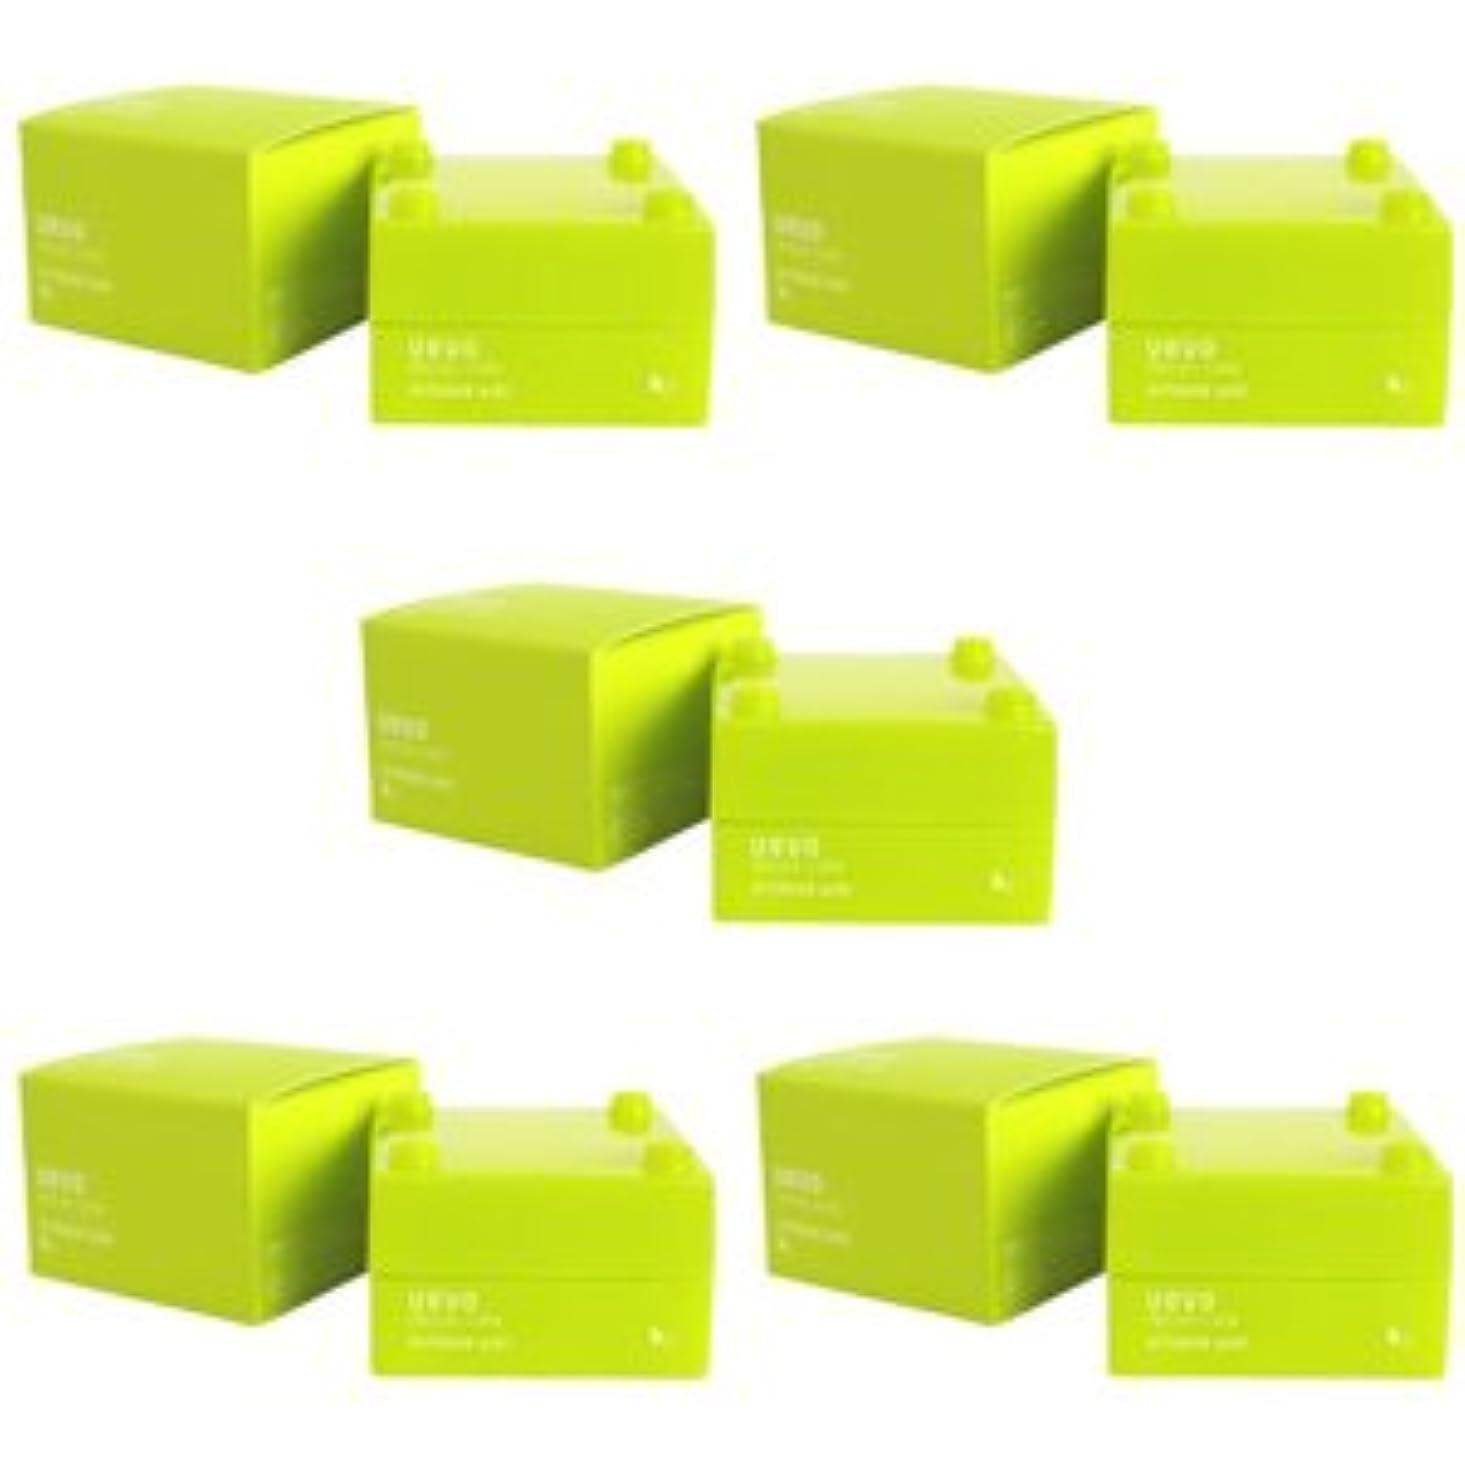 脊椎ミンチホステス【X5個セット】 デミ ウェーボ デザインキューブ エアルーズワックス 30g airloose wax DEMI uevo design cube